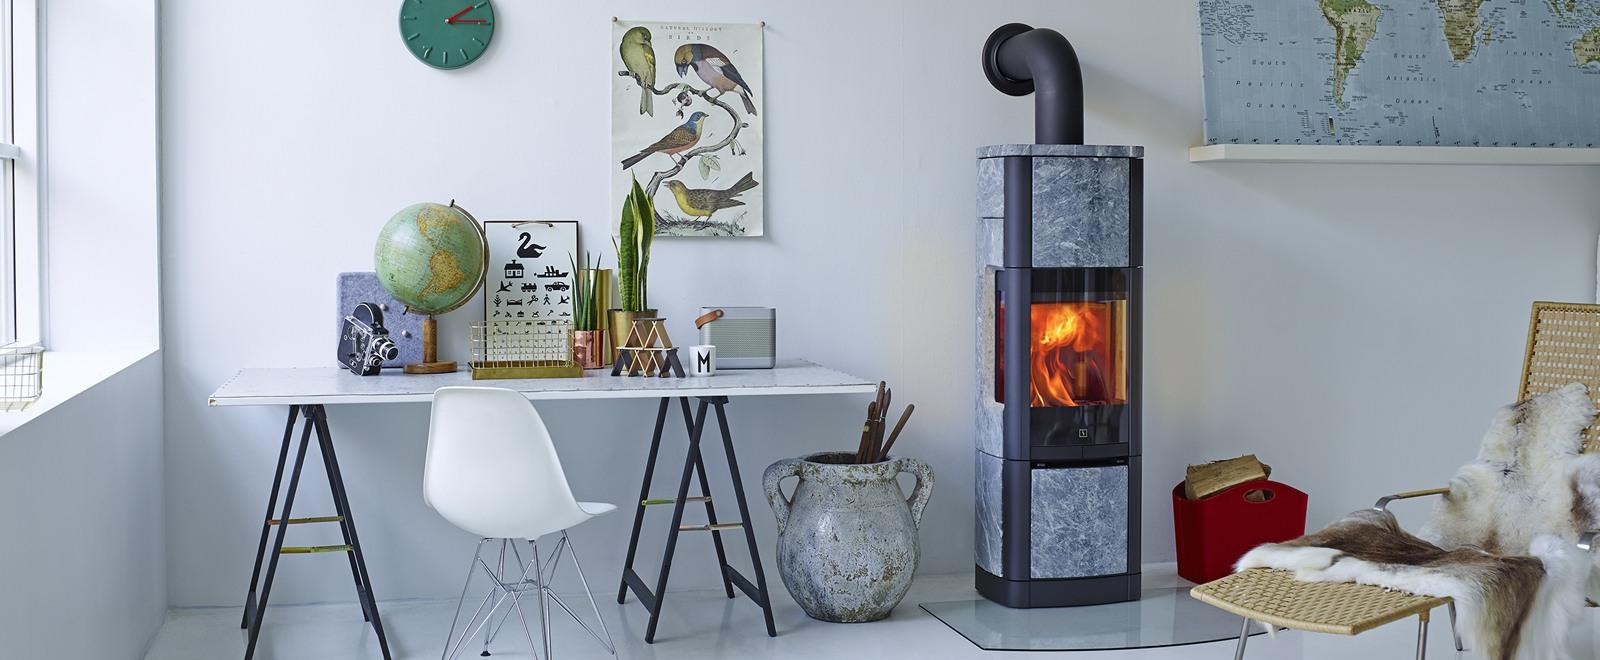 Scan 65-8 høy klebersteinsovn med sideglass og plass til varmeakkumulerende stein skaper lun stemining i moderne hjem.